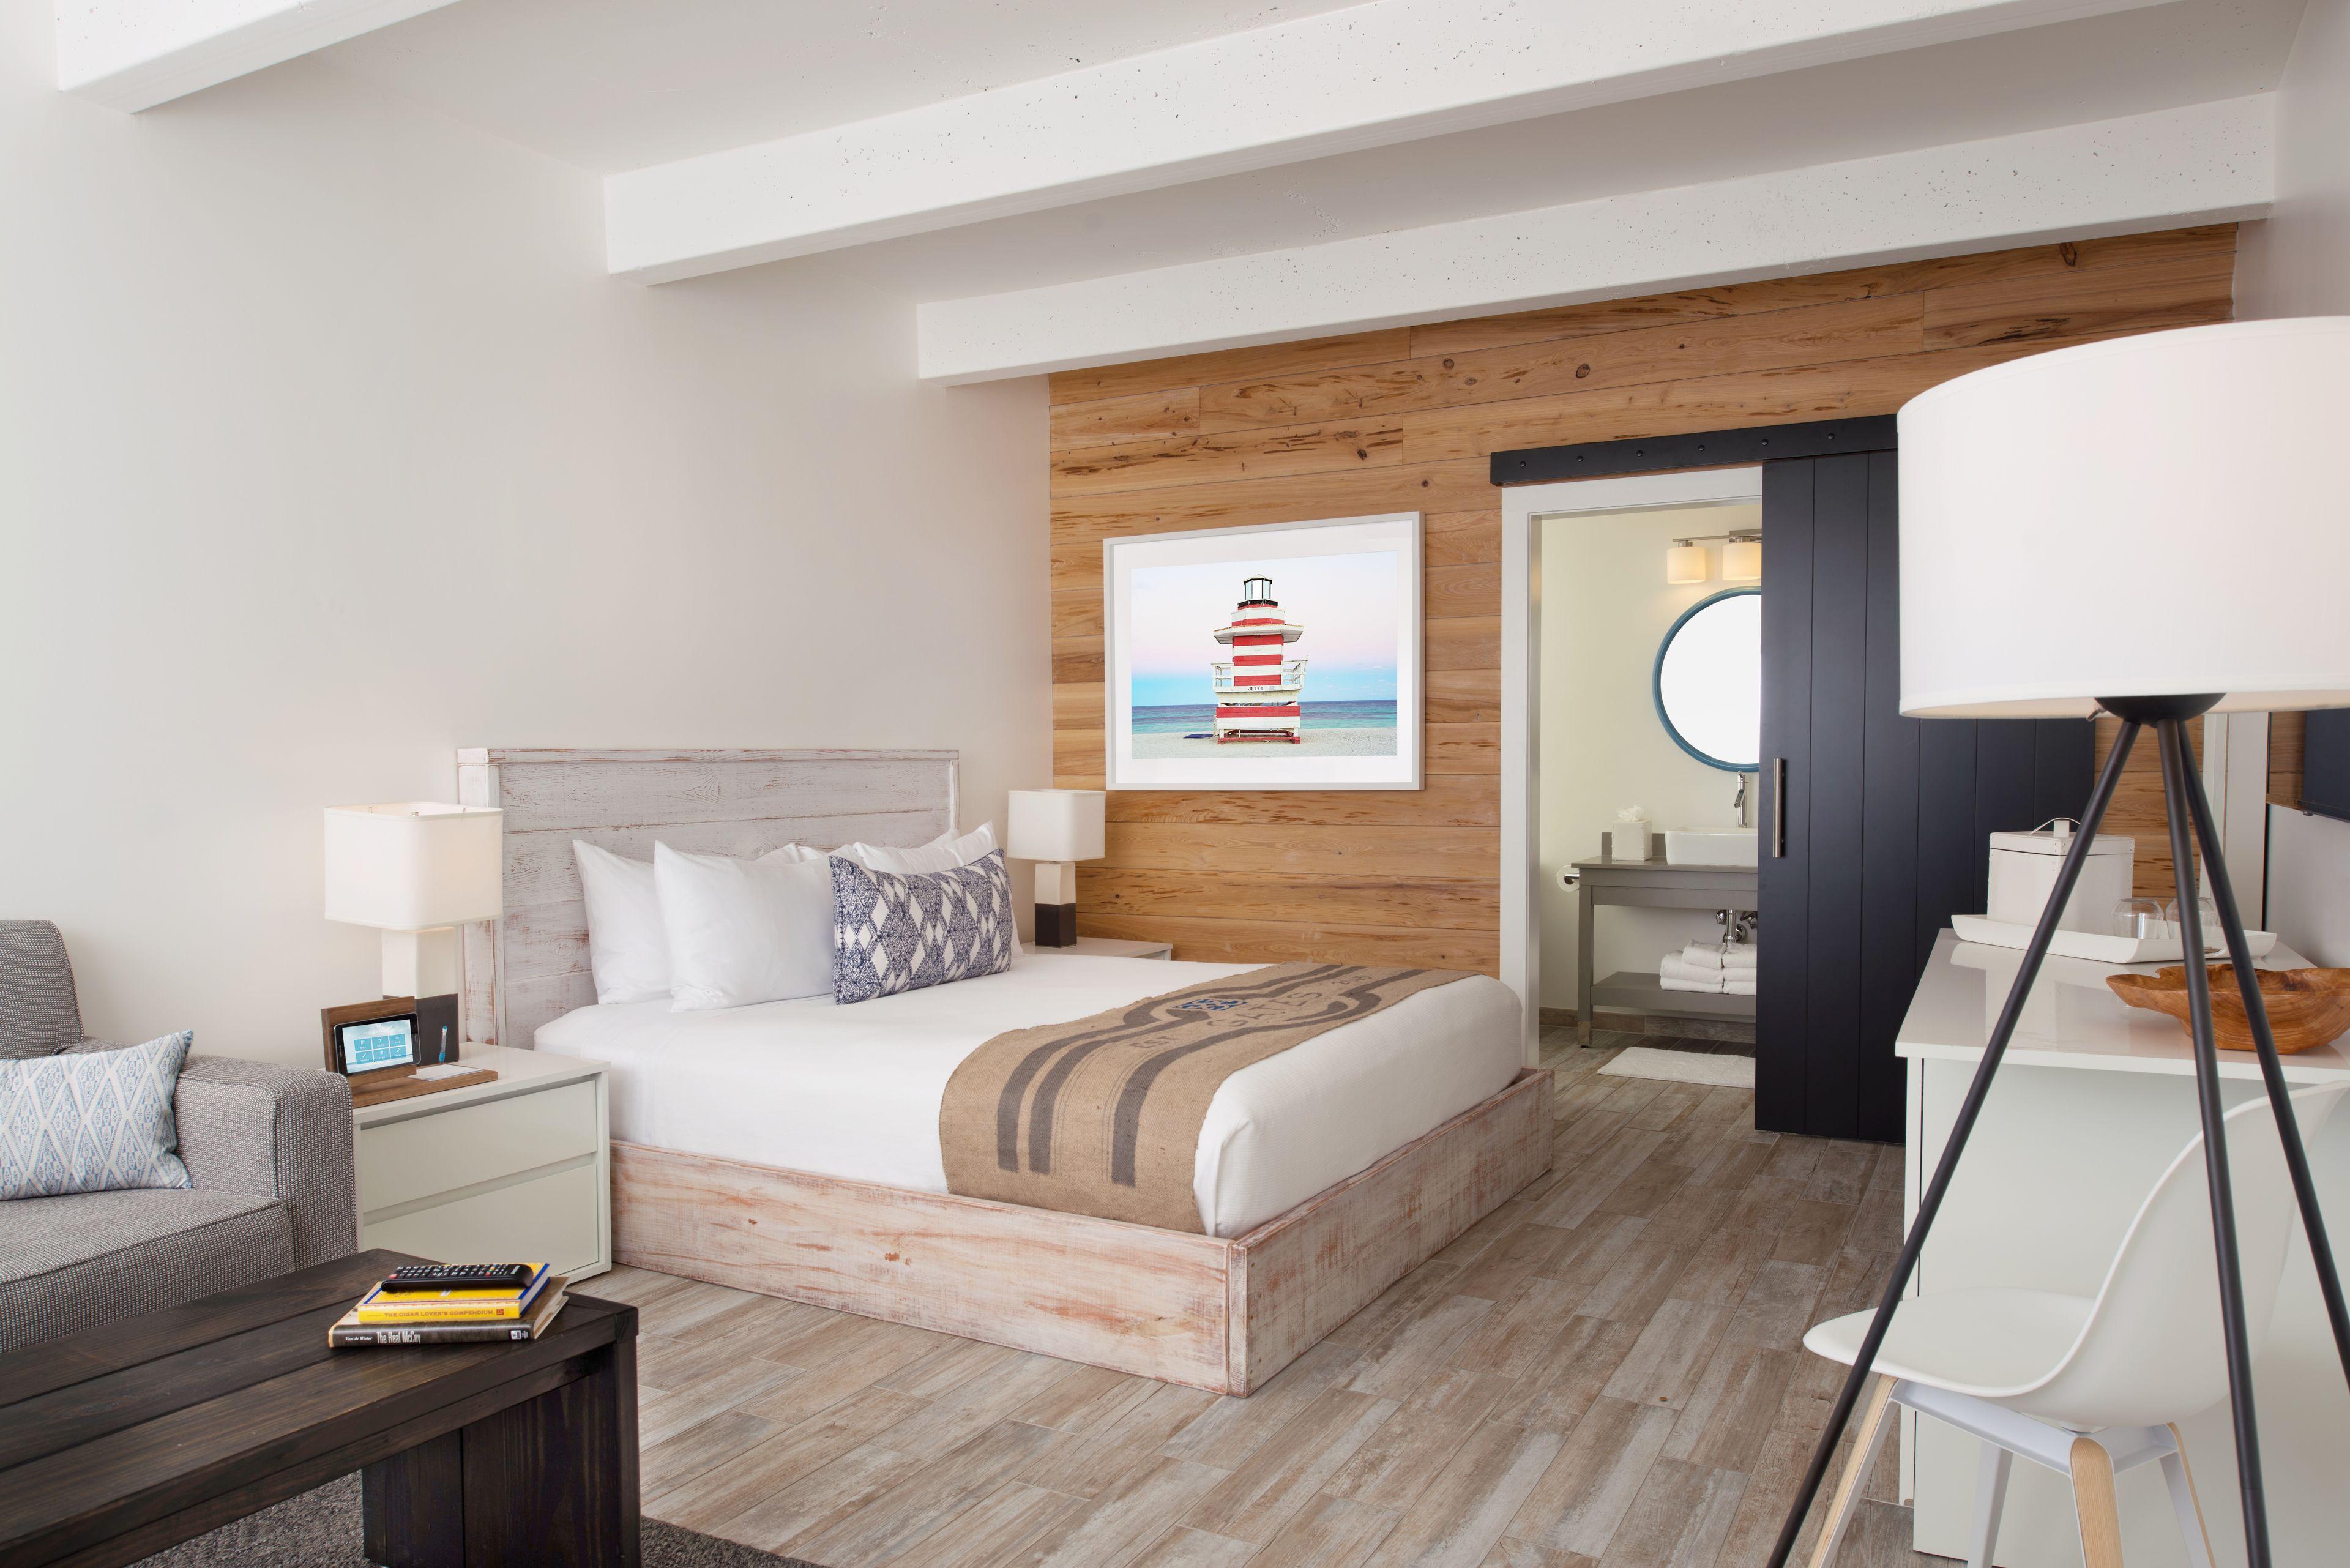 Courtesy of The Gates Hotel Key West / Expedia